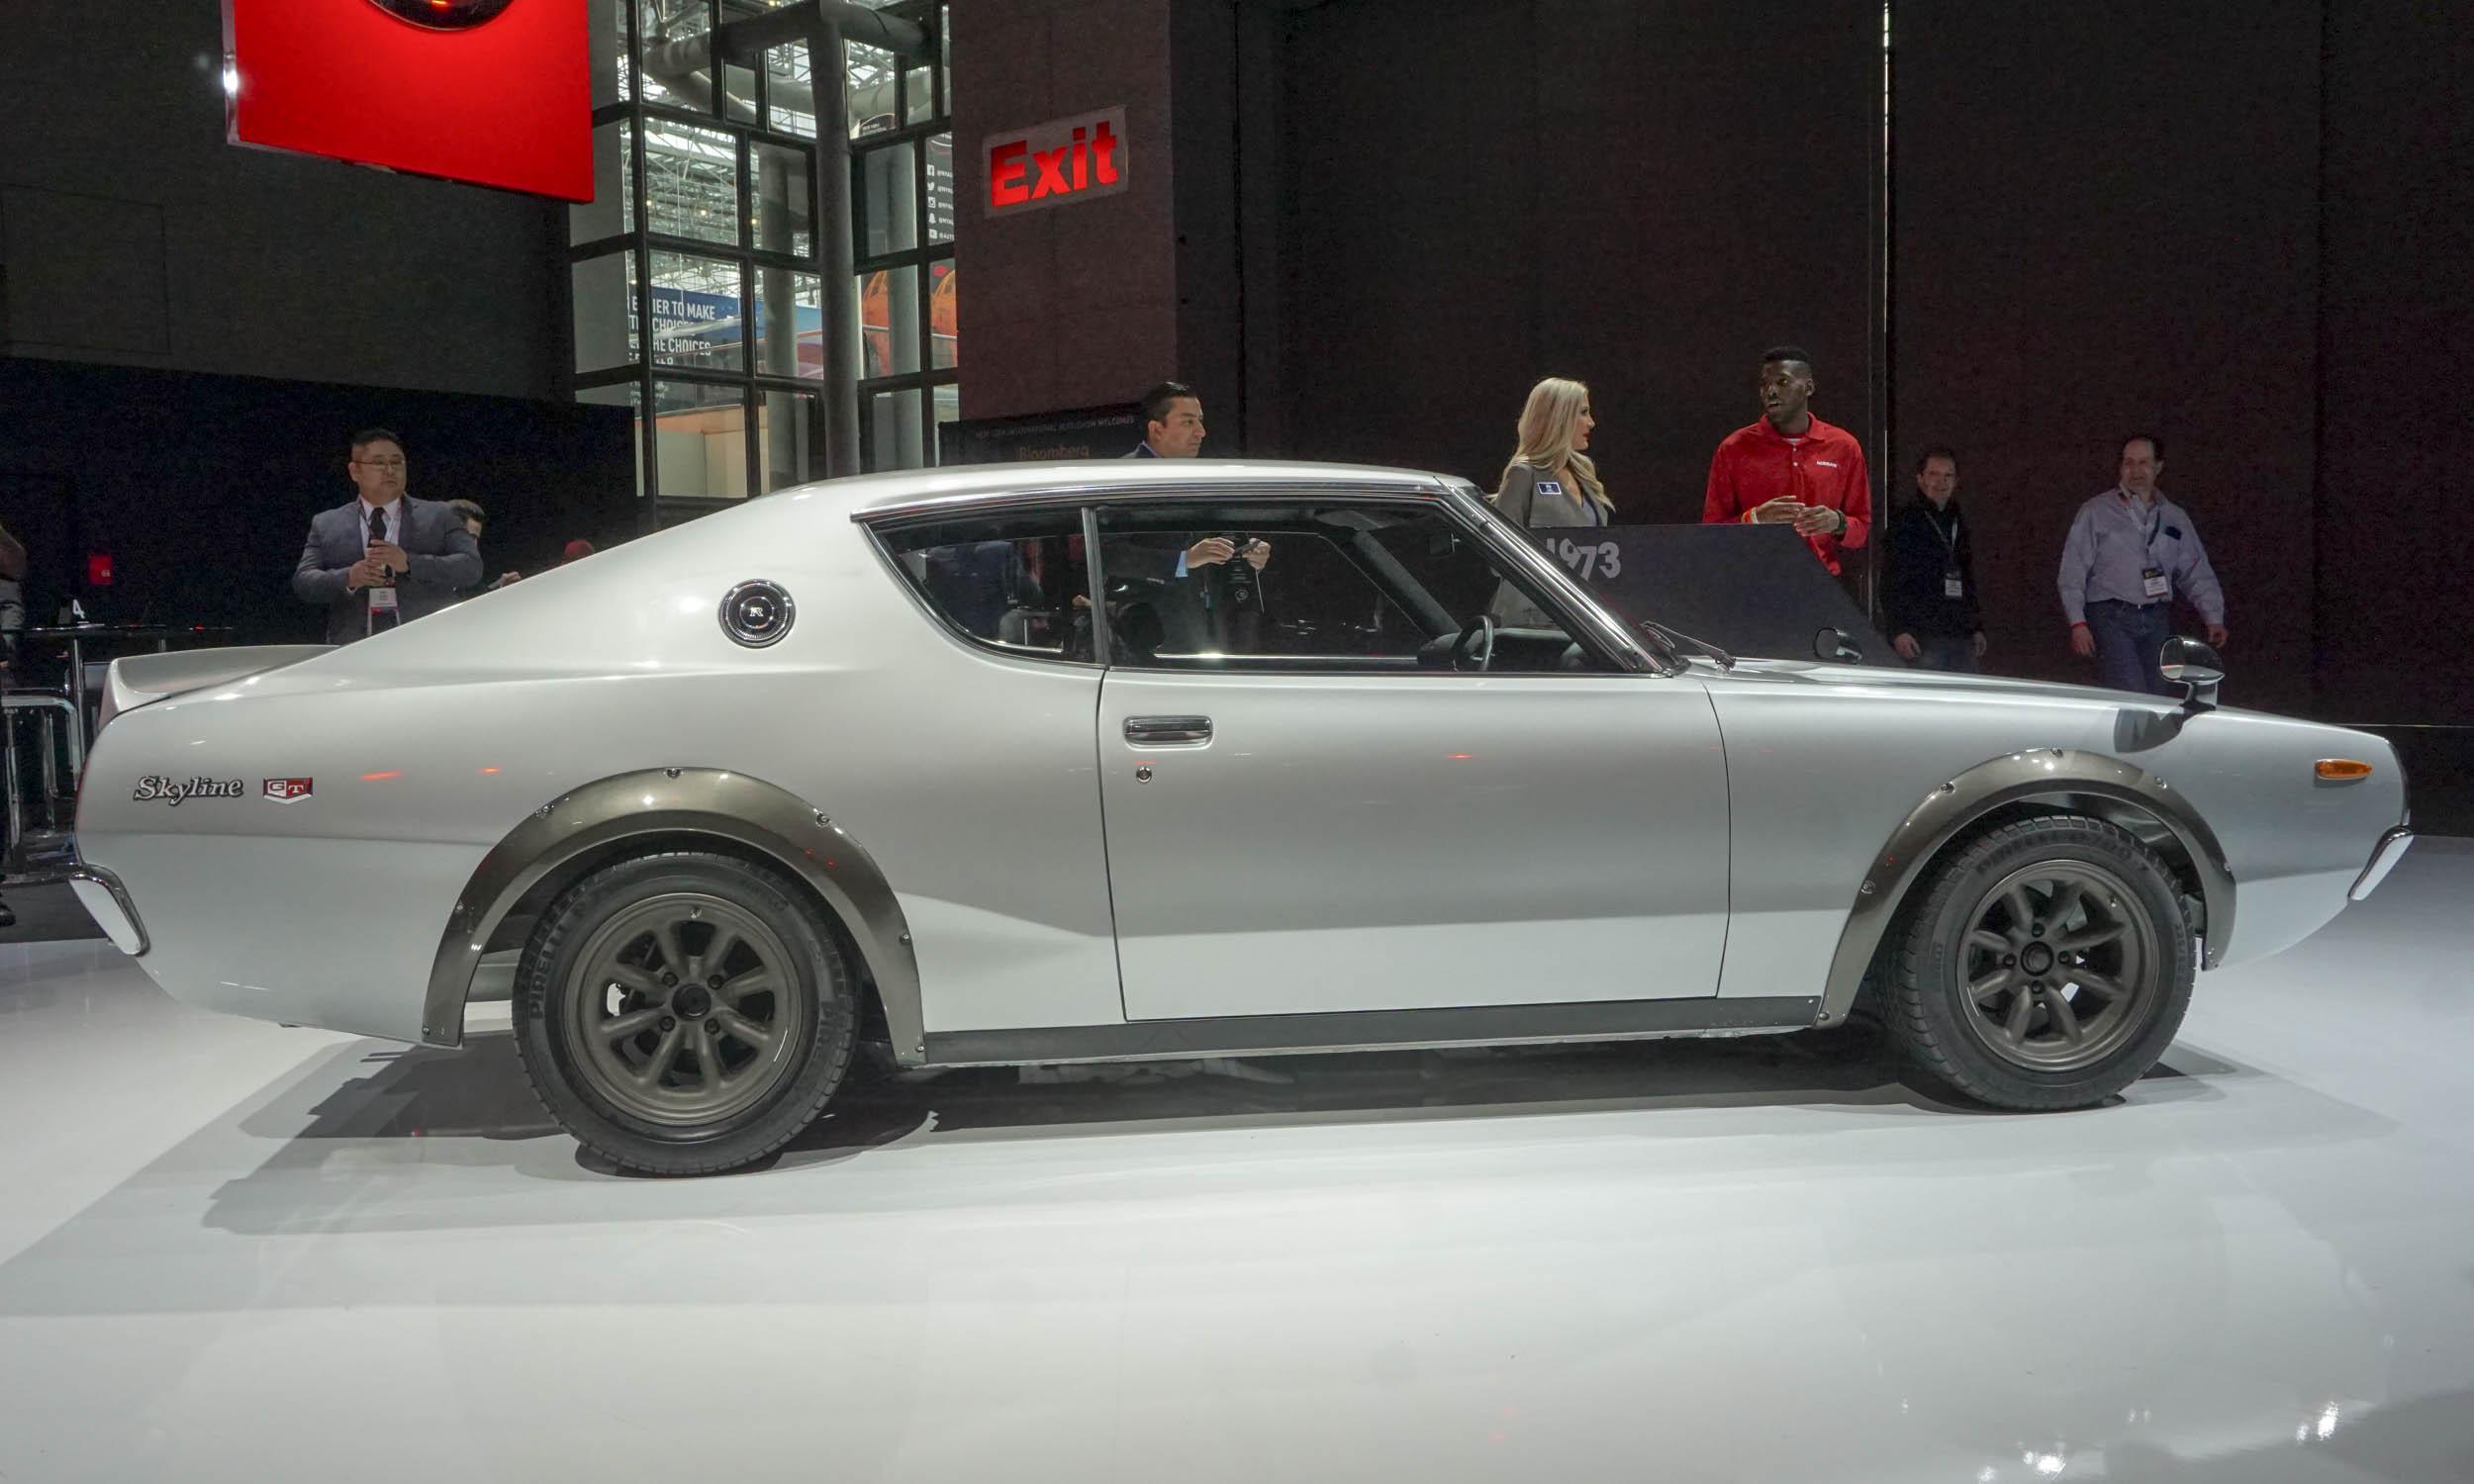 1969 Nissan Skyline Gtr For Sale >> Nissan GT-R: A Retrospective - » AutoNXT